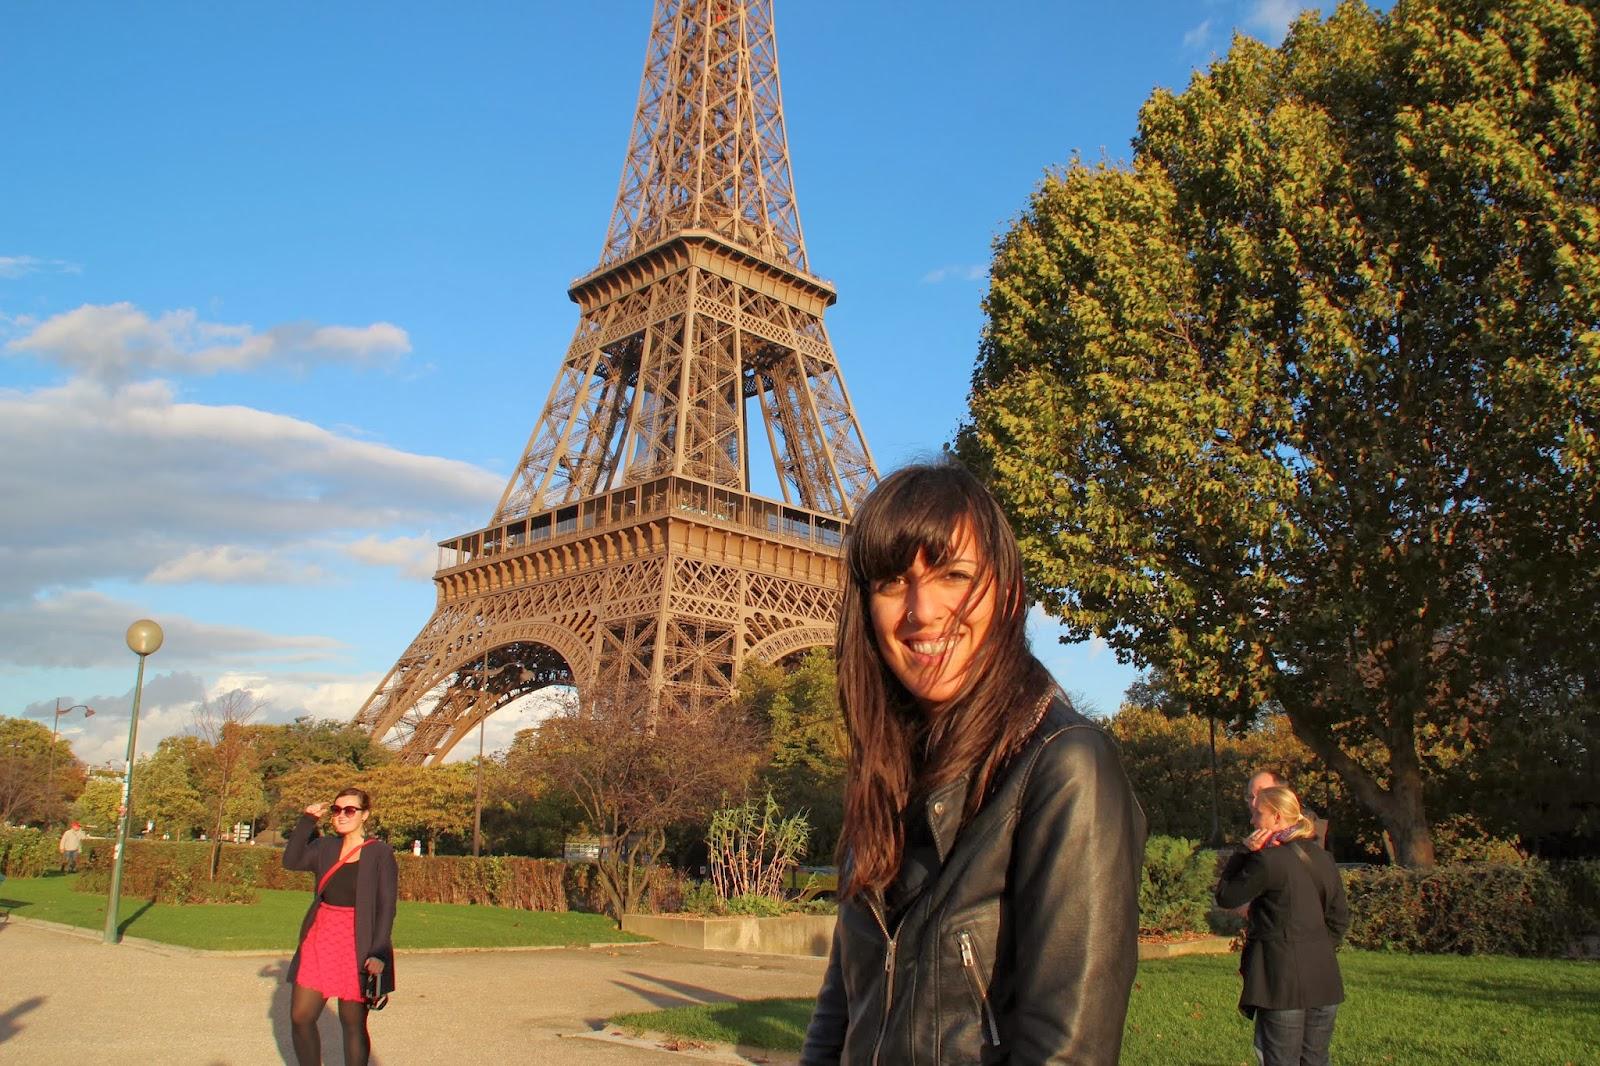 Dianamiaus y Torre Eiffel